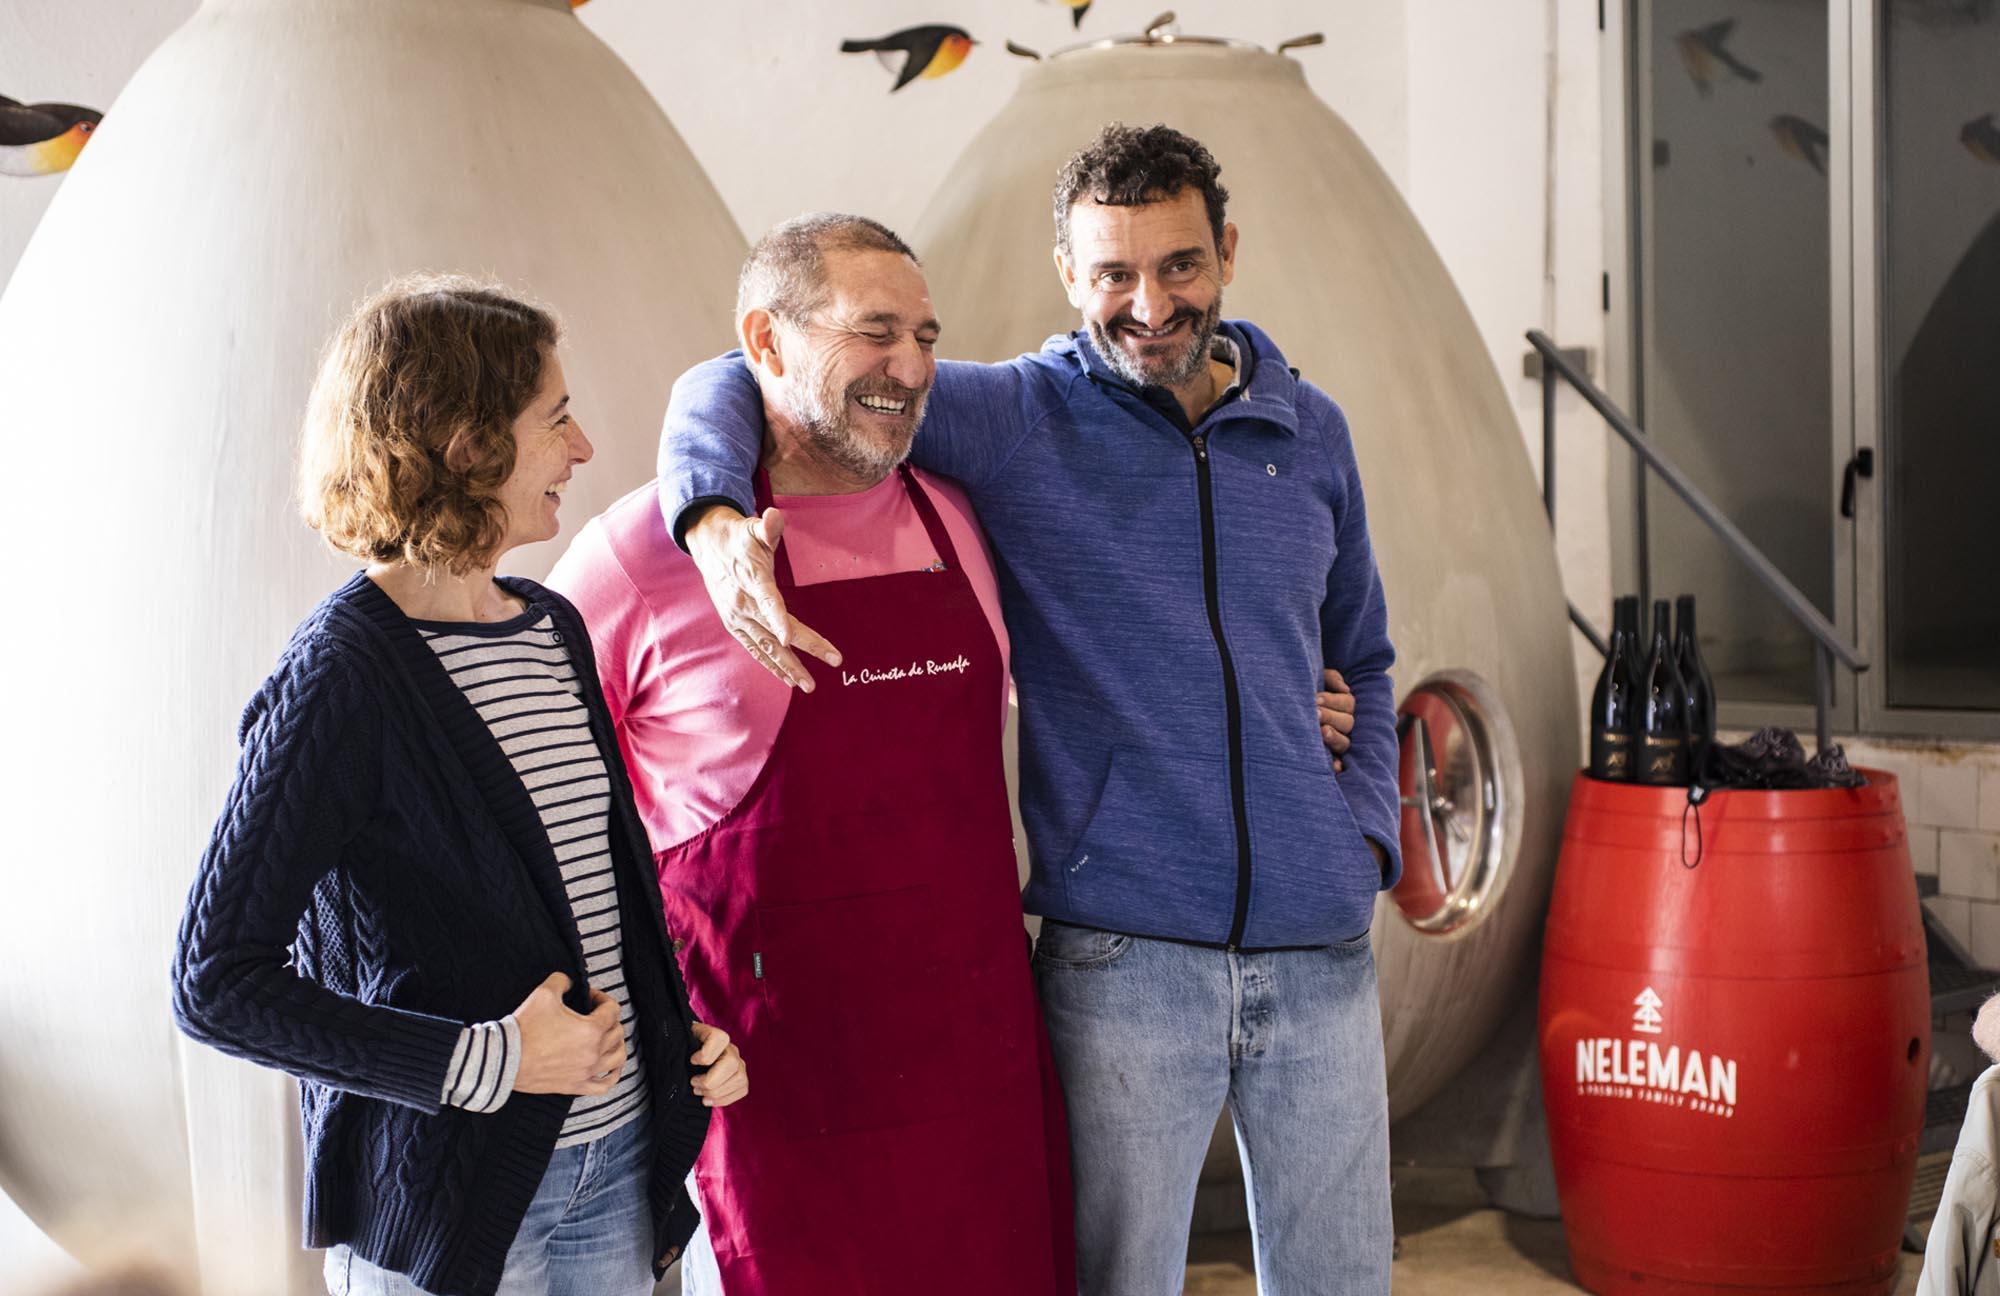 La pareja de viticultores da la enhorabuena al cocinero encargado del menú.